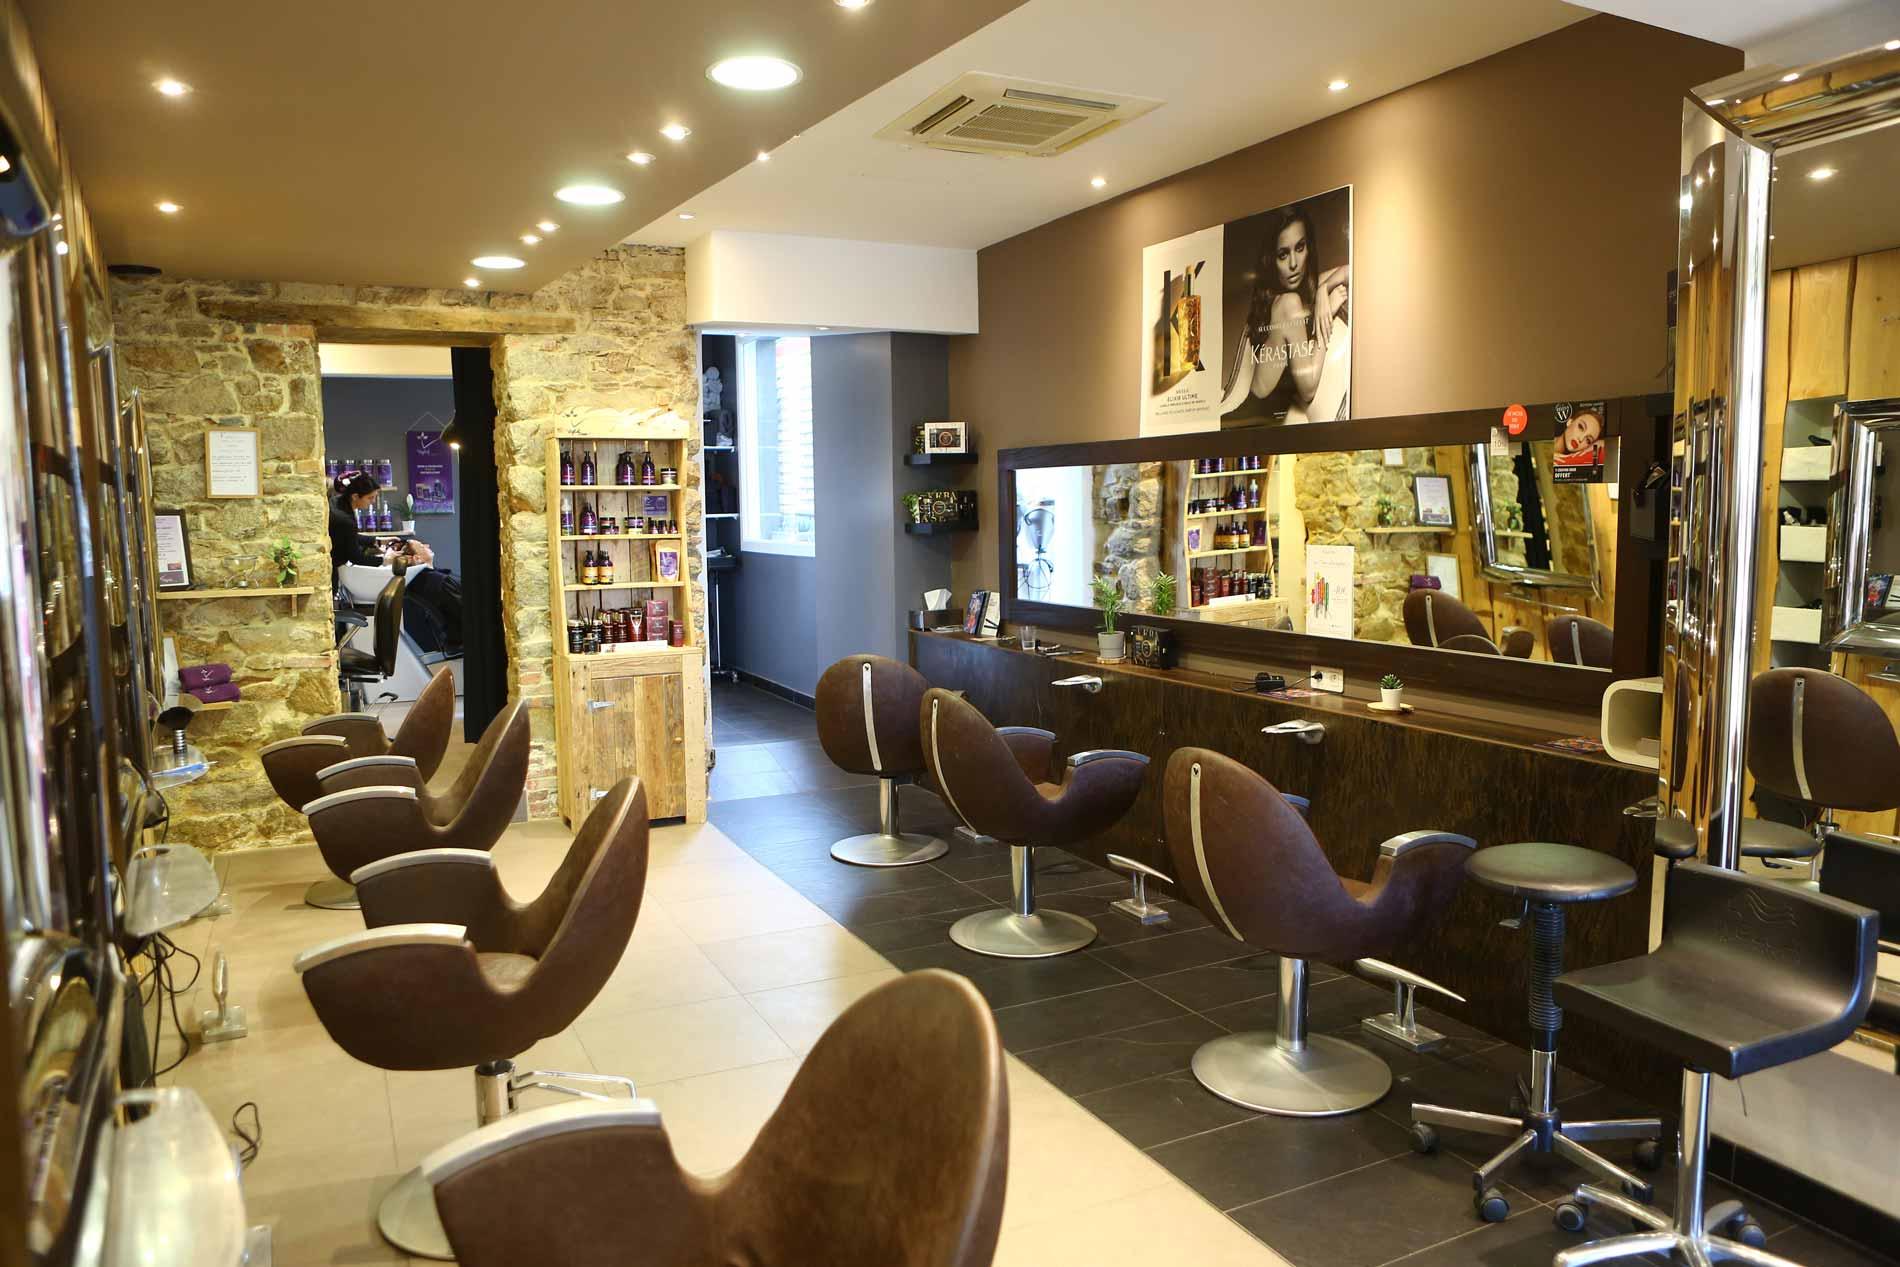 Salon de coiffure les essentielles, fauteuils et miroirs avec décoration en pierre sur les murs.